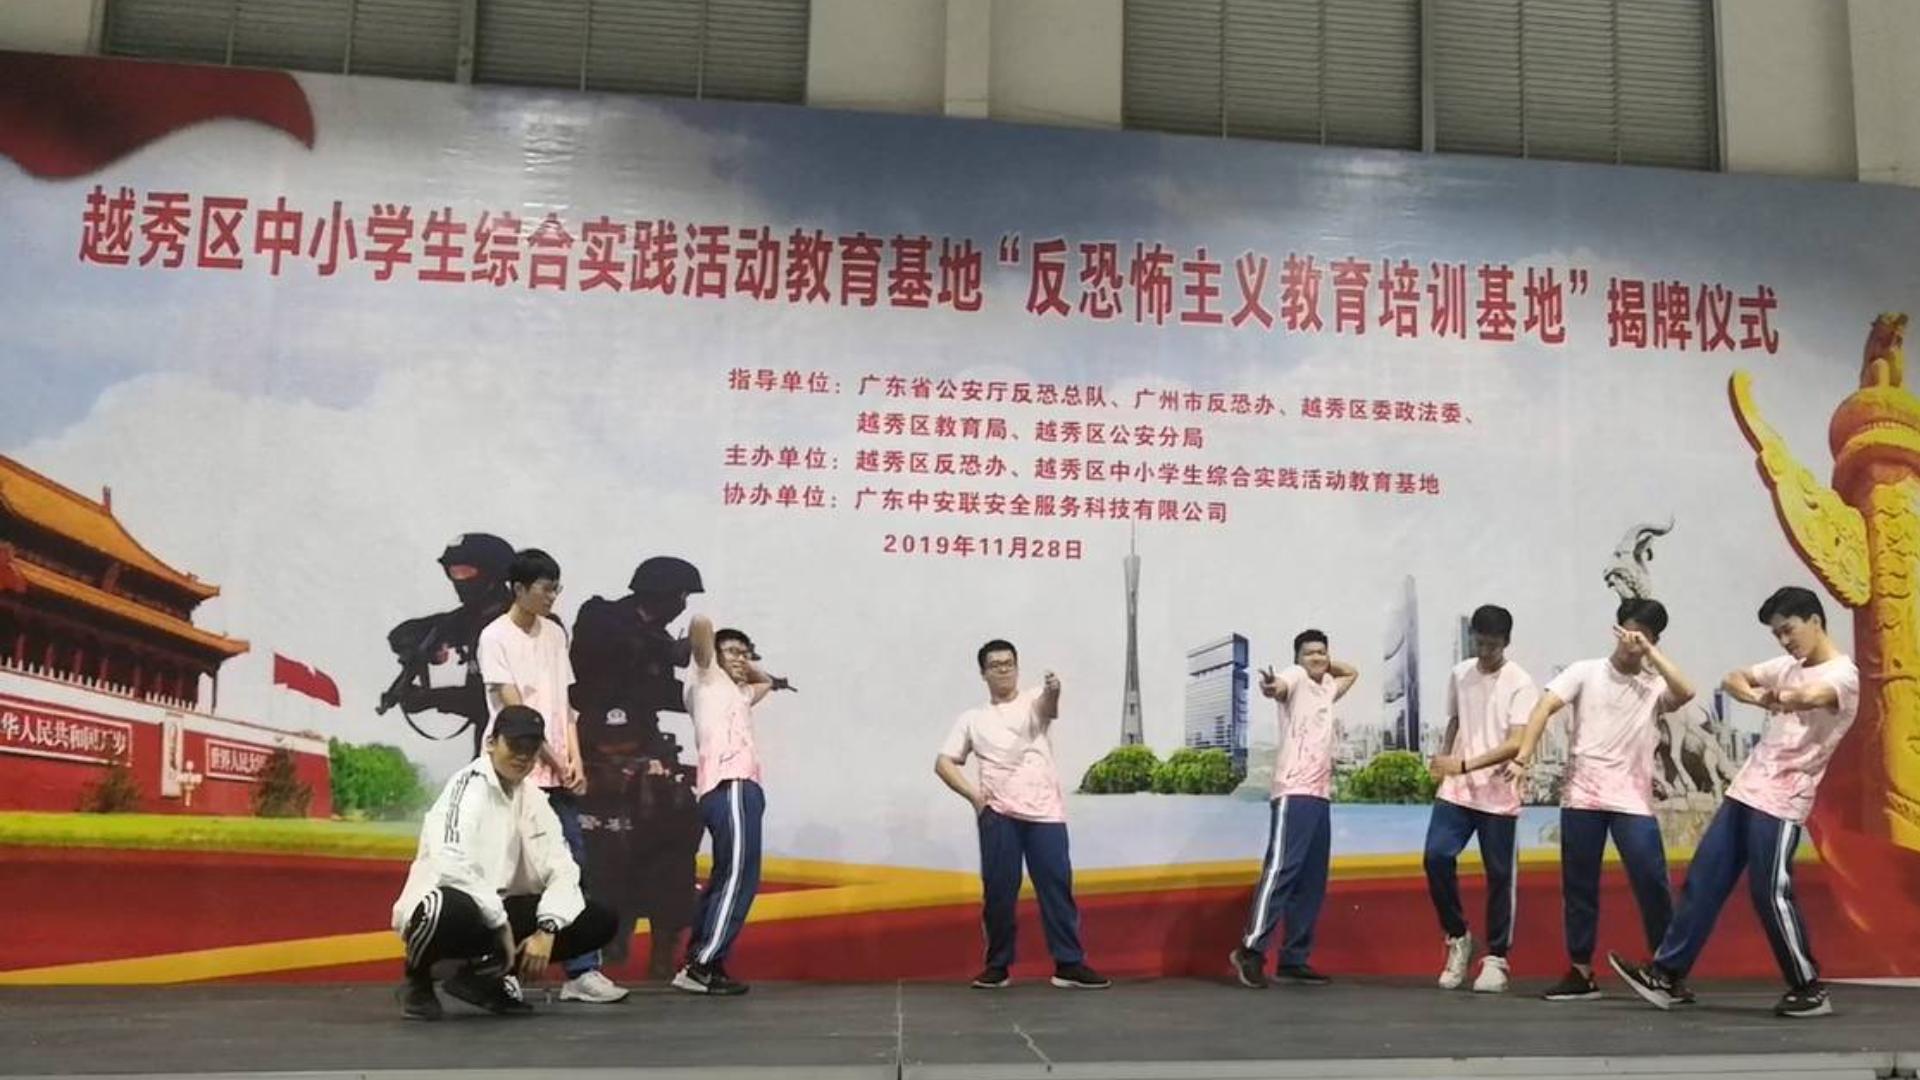 《新宝岛》猛 男 版 (广州市越秀区综合实践活动基地学农晚会回播录像)